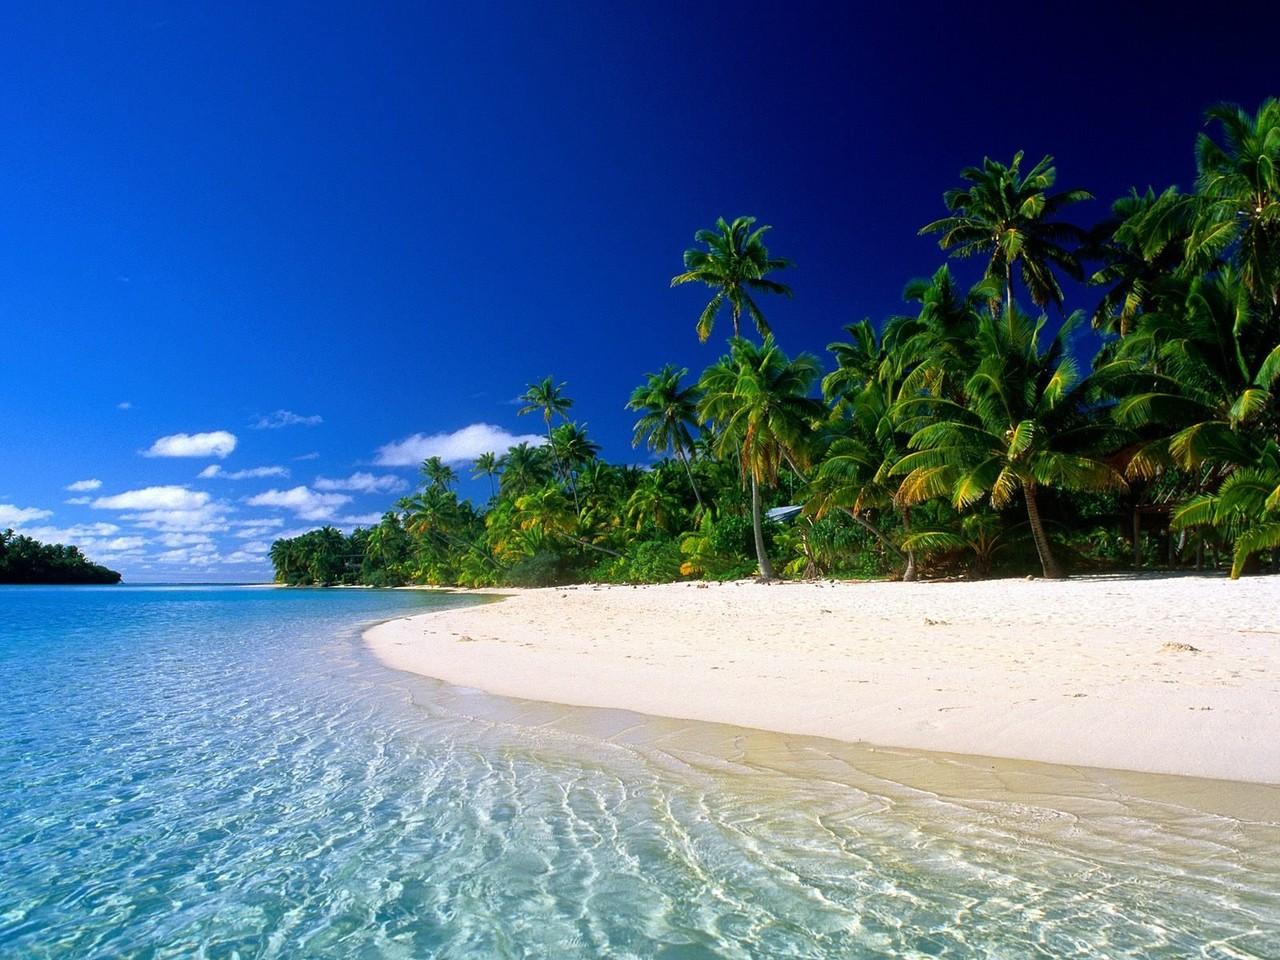 praia-paradisiaca.jpg